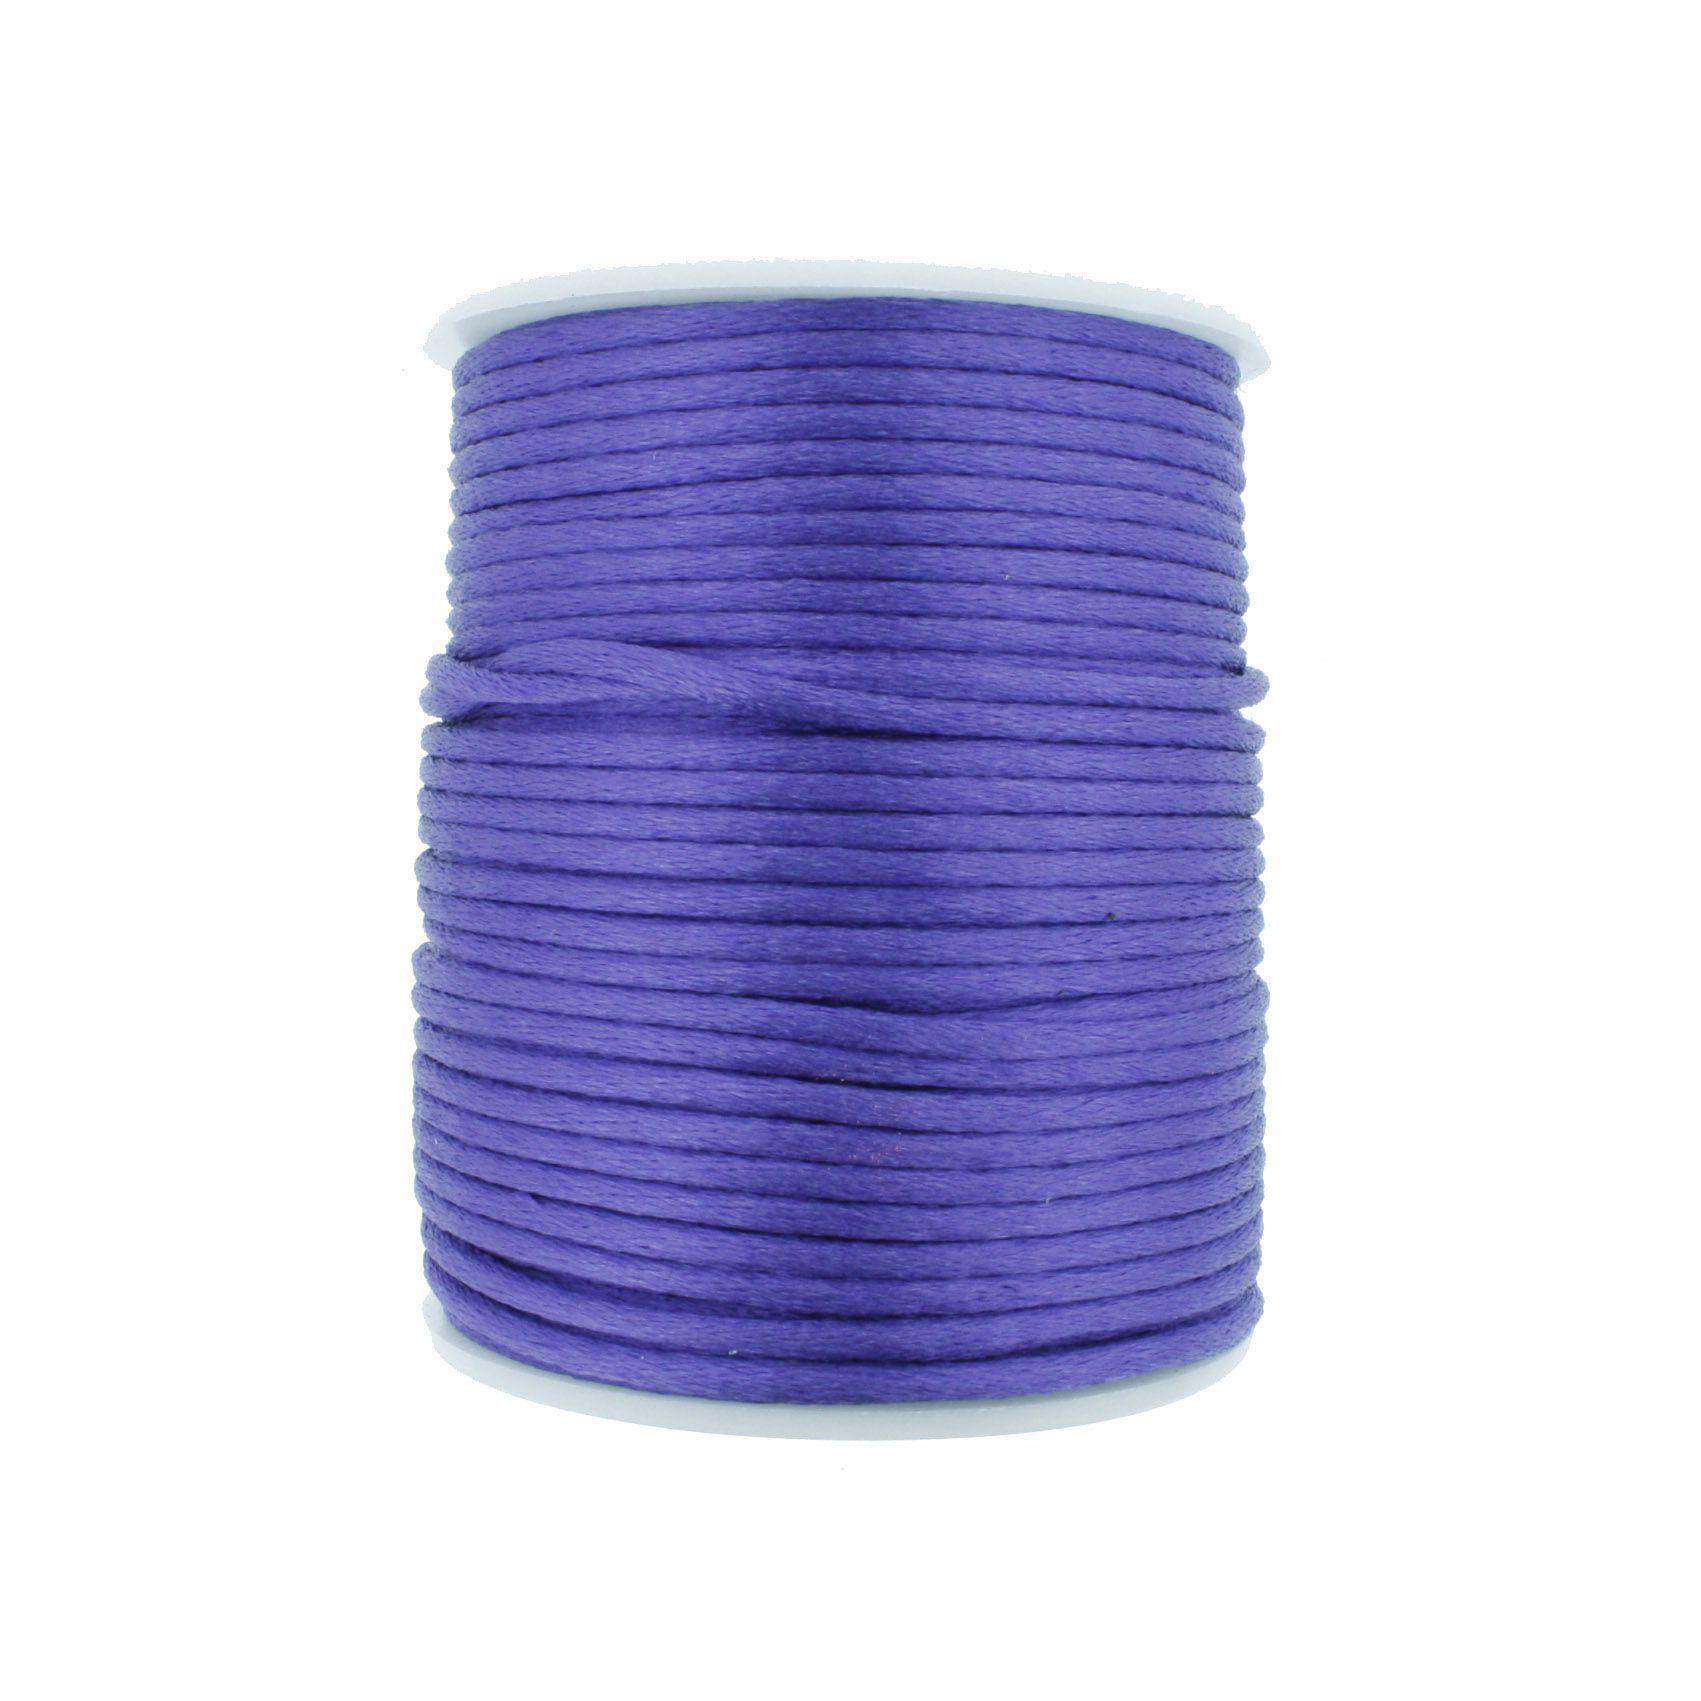 Cordão de Seda - Roxo - 2mm  - Stéphanie Bijoux® - Peças para Bijuterias e Artesanato